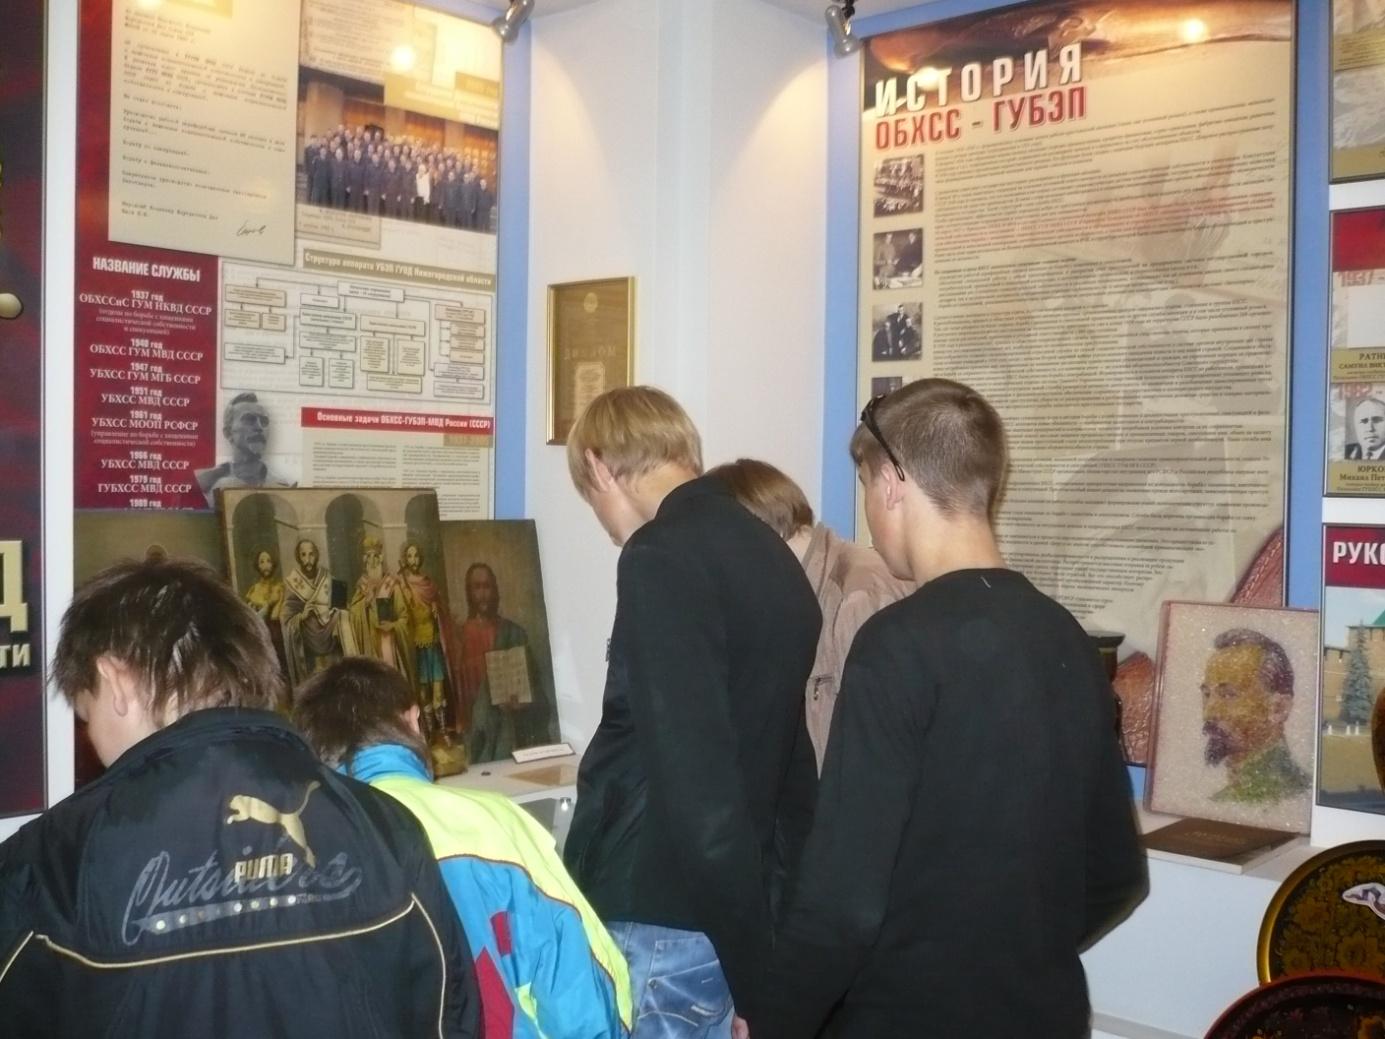 I:\Архив\разное рабочий стол\разное\Т.А\экскурсия в музей ГУВД\P1030039.JPG